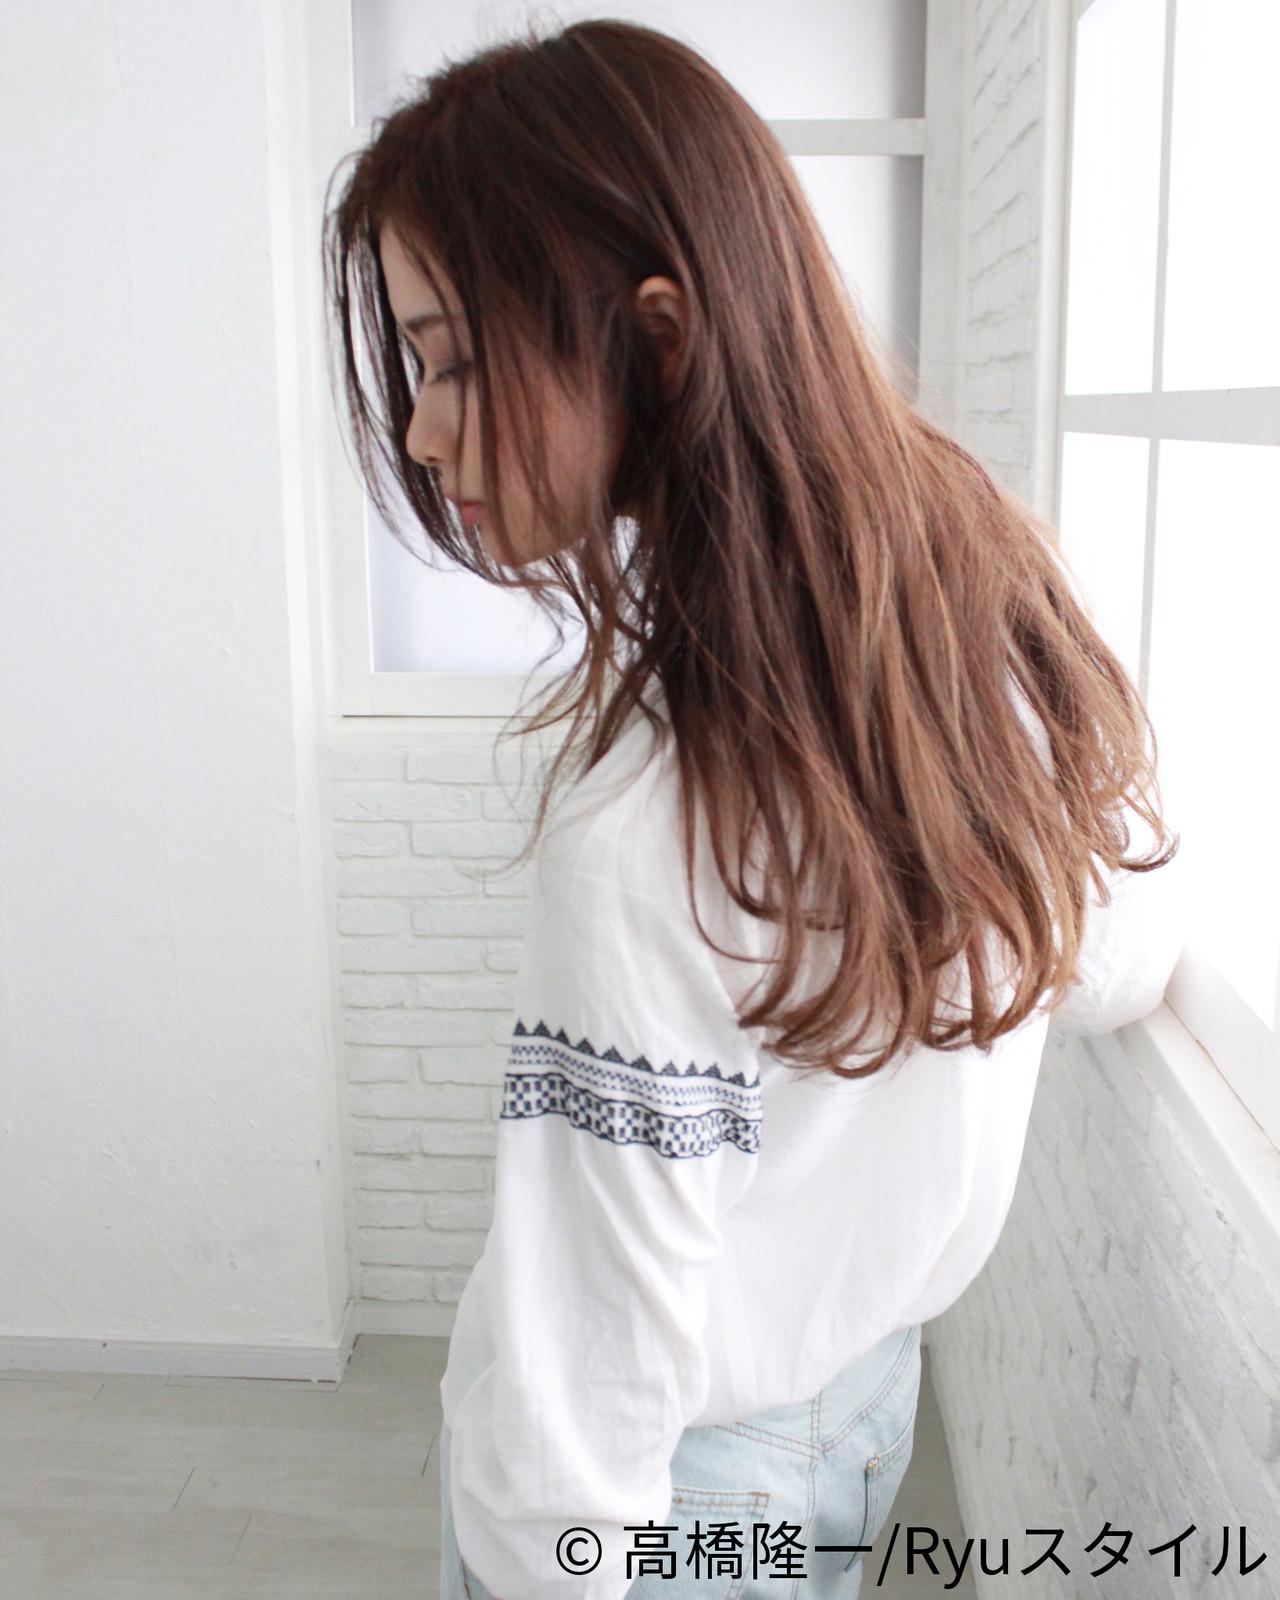 ナチュラルな垢抜け感がつくり出せるロングのイルミナカラー 高橋隆一/Ryuスタイルhair&make bis group by ZEST